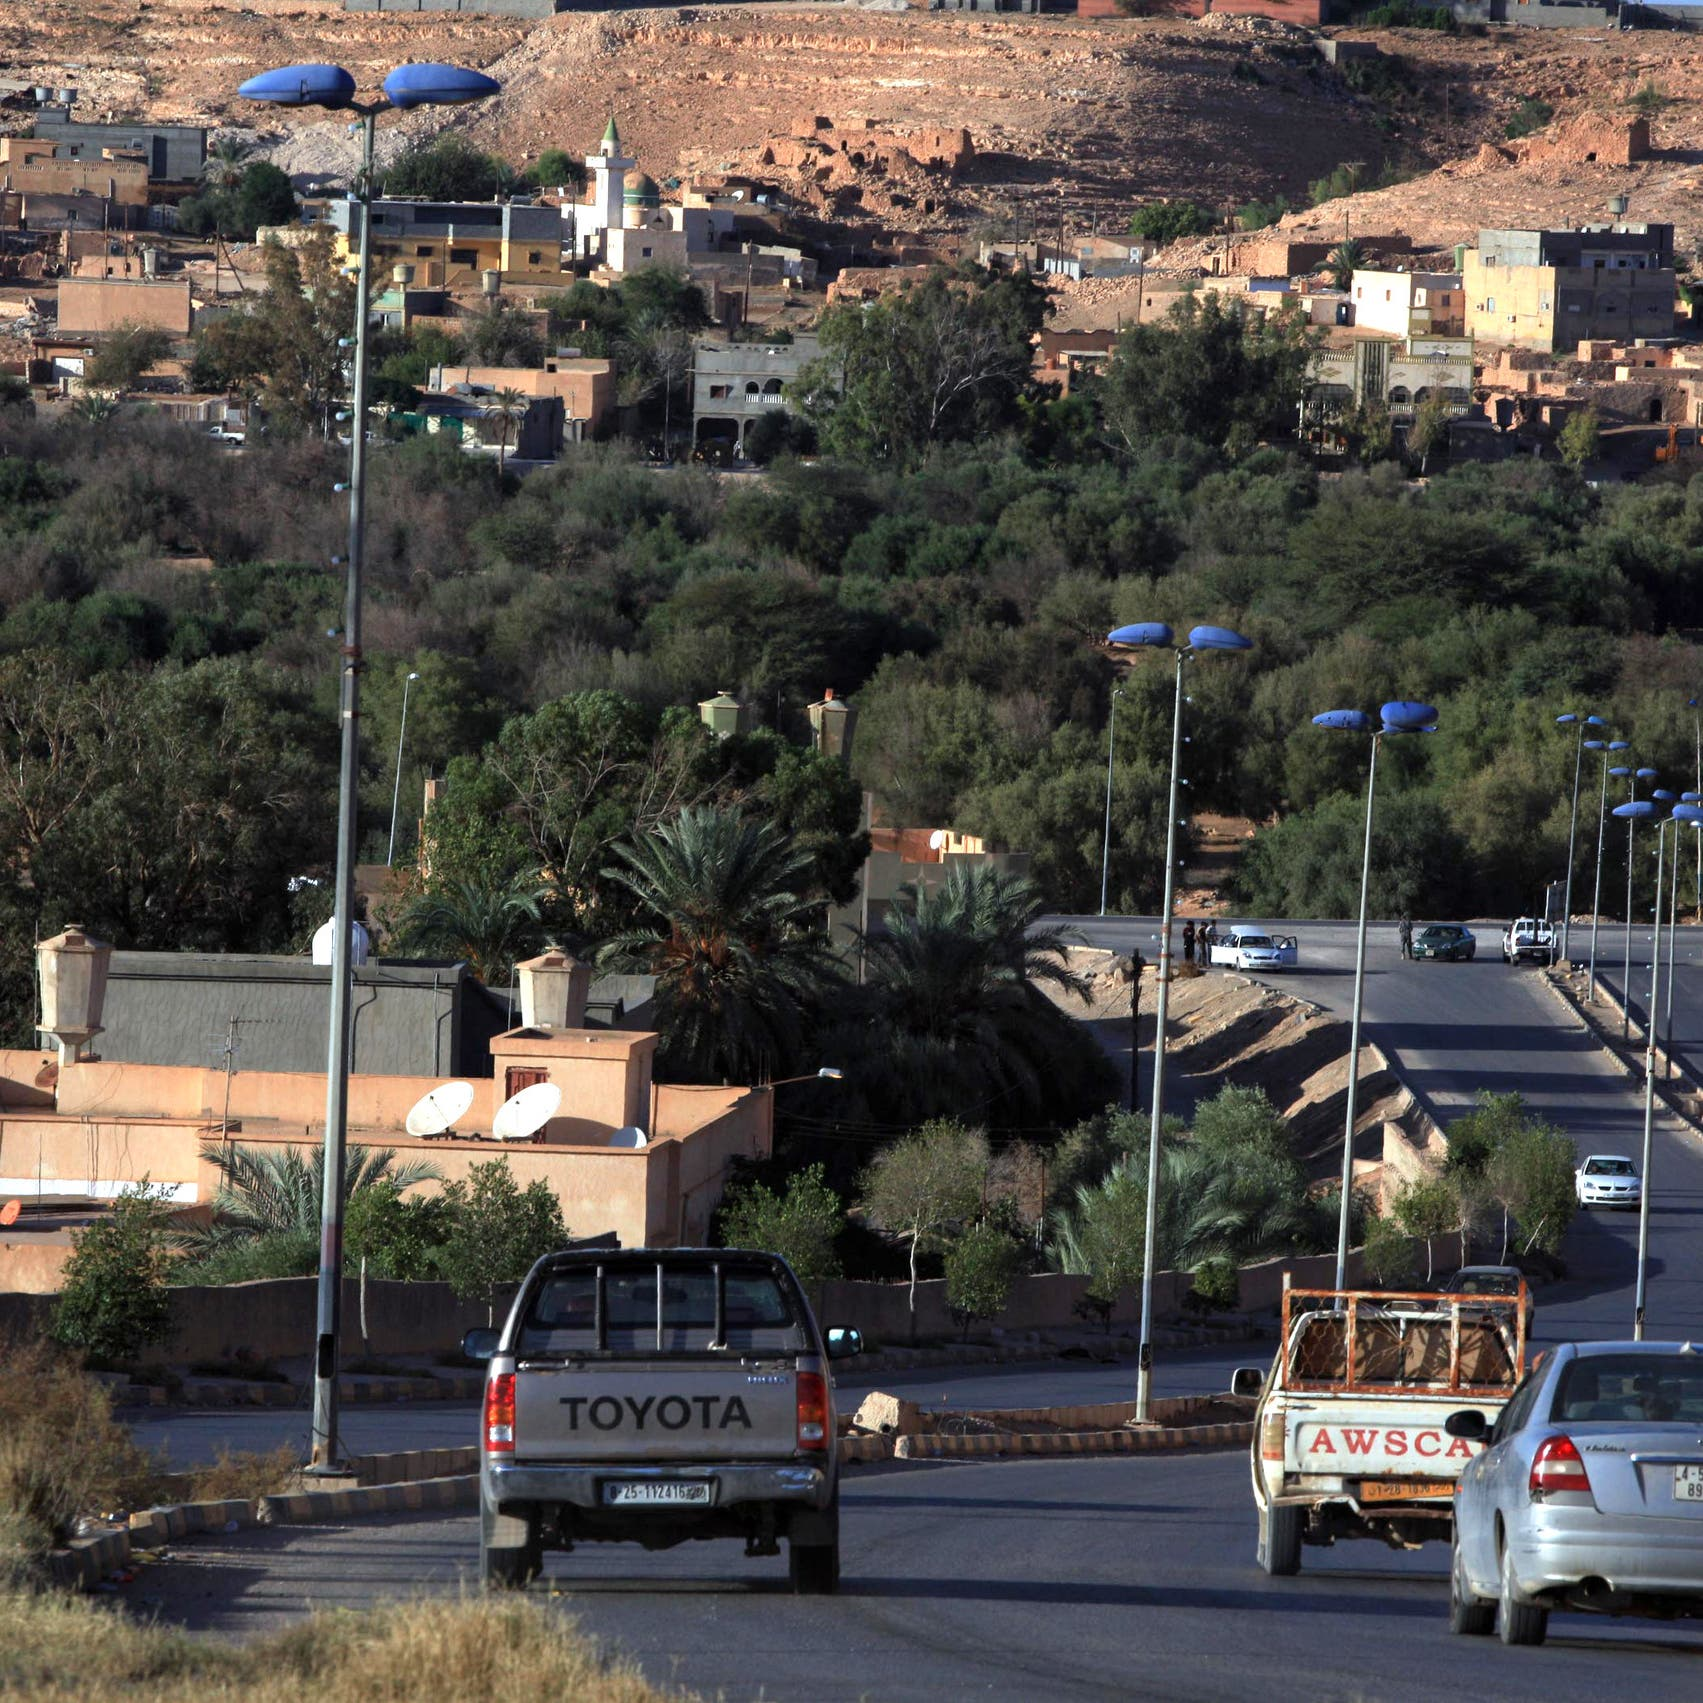 ليبيا: القبض على المتهم بقتل 16 مصريا بالرصاص عام 2016